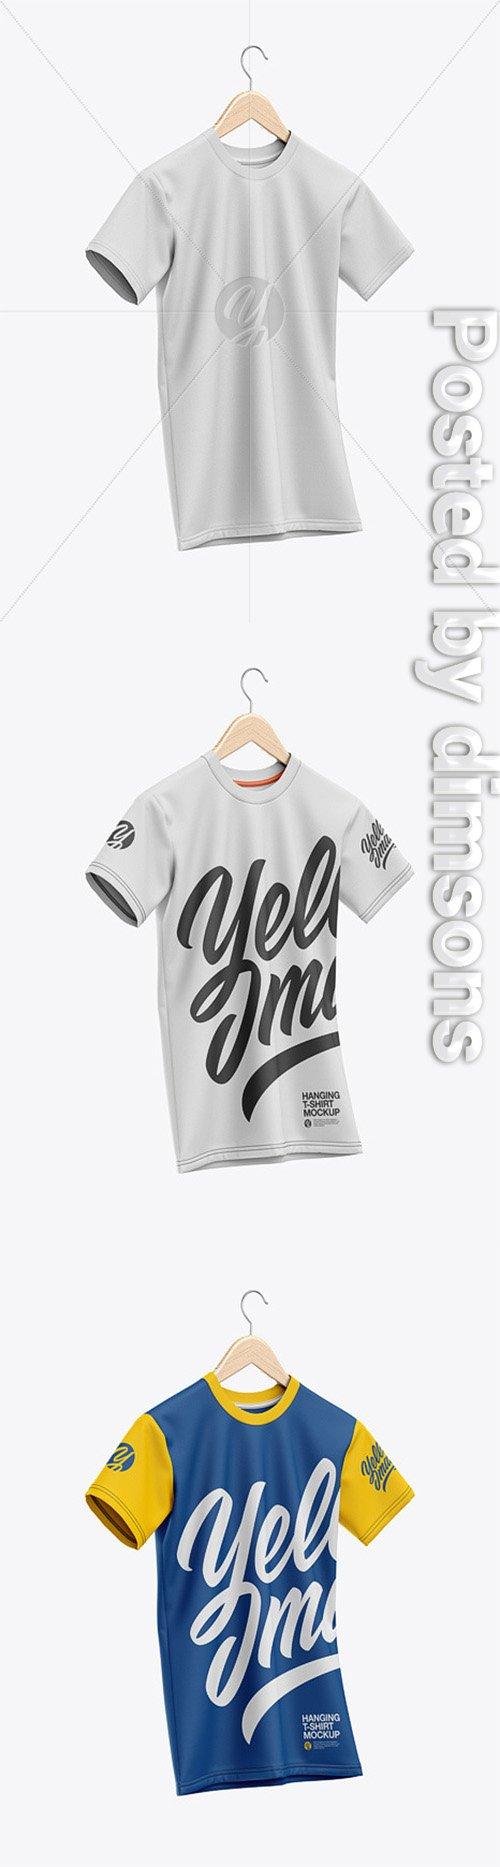 T-Shirt On Hanger Mockup - Half-Side View 50127 TIF